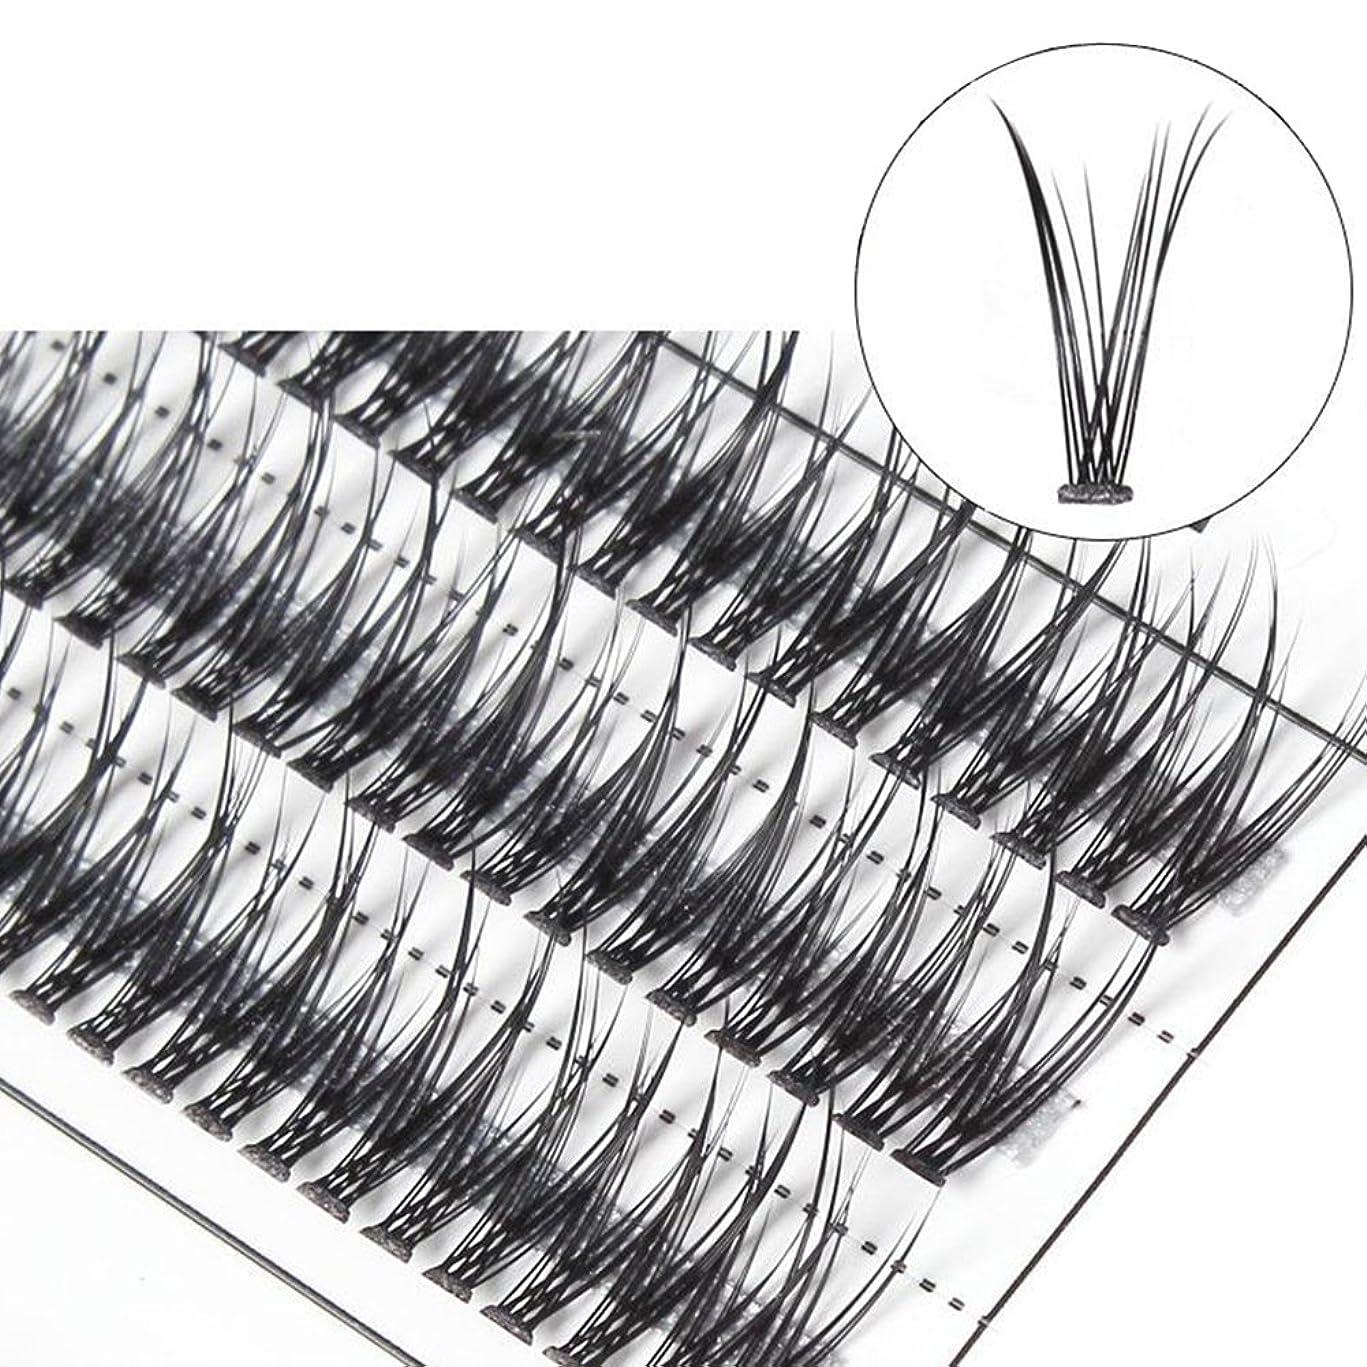 ビタミン縁石農奴goupgolboll-女性交差グラフト個々の天然つけまつげまつげエクステ - 10 mm